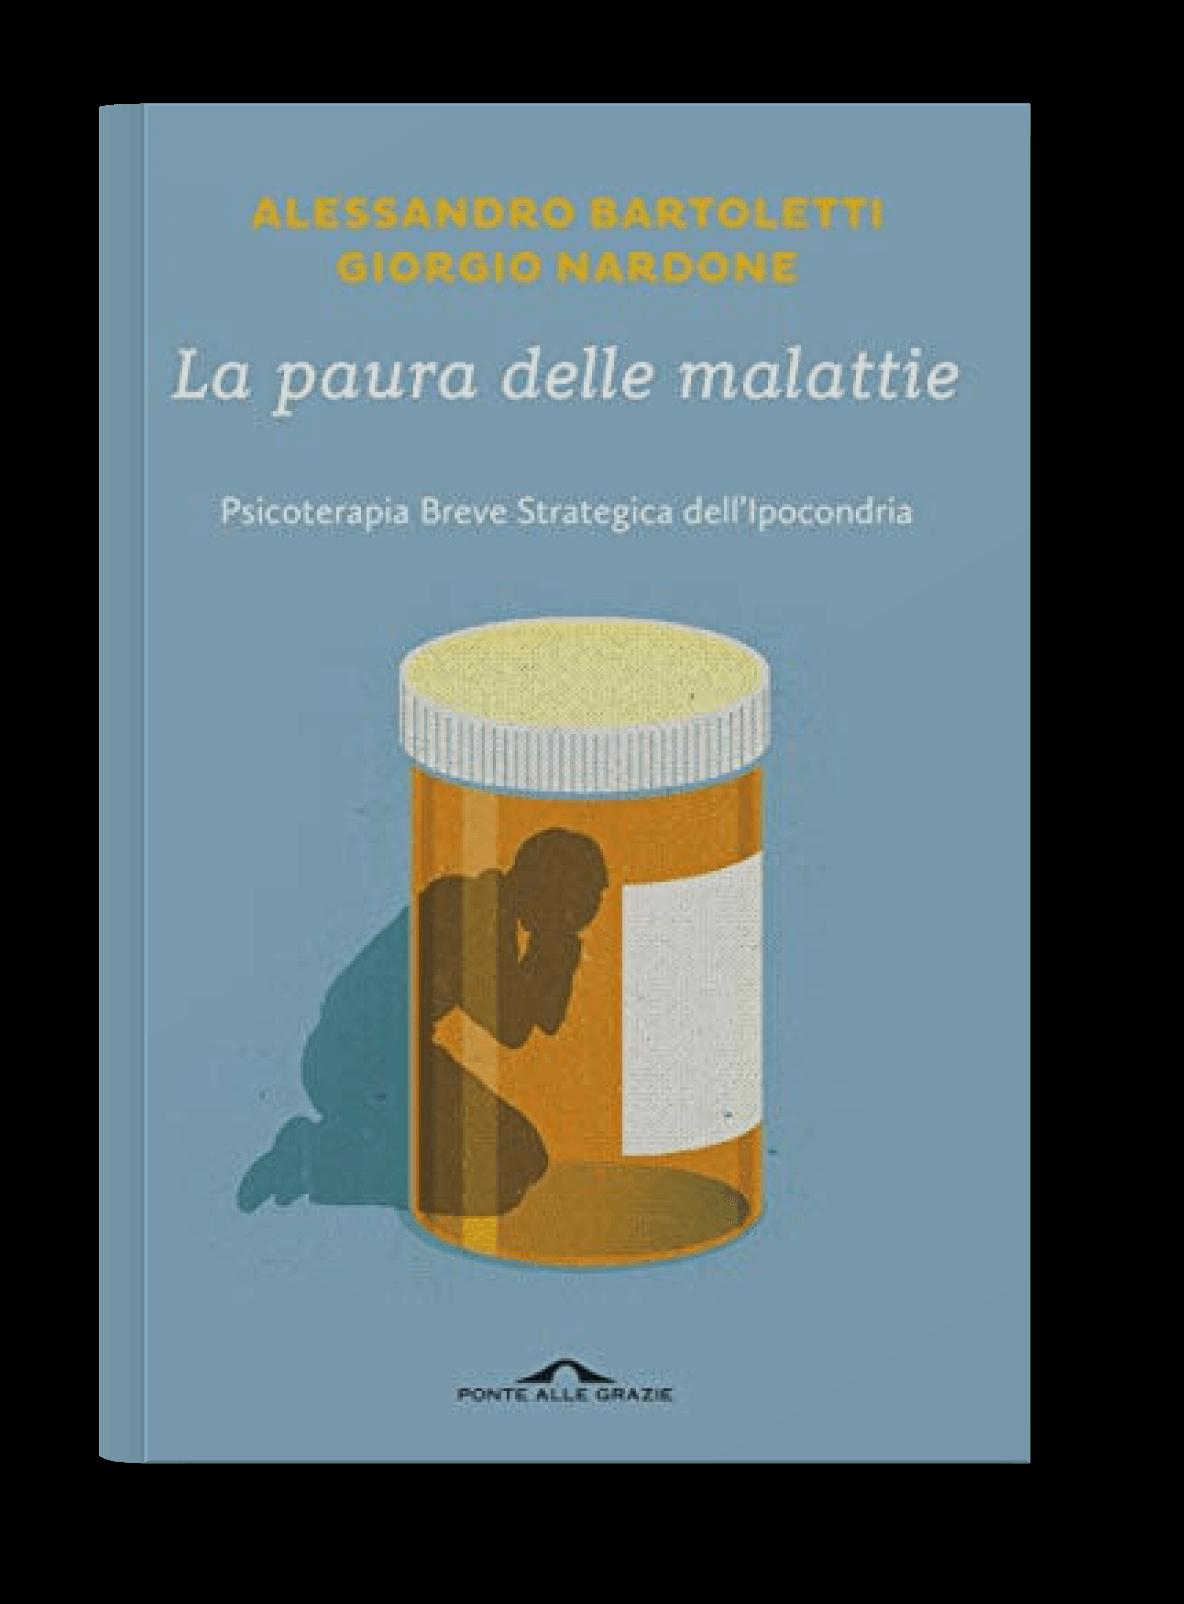 La paura delle malattie Alessandro Bartoletti Giorgio Nardone - Psicologo Psicoterapeuta Online - Ipocondria, paura delle malattie, paura del contagio